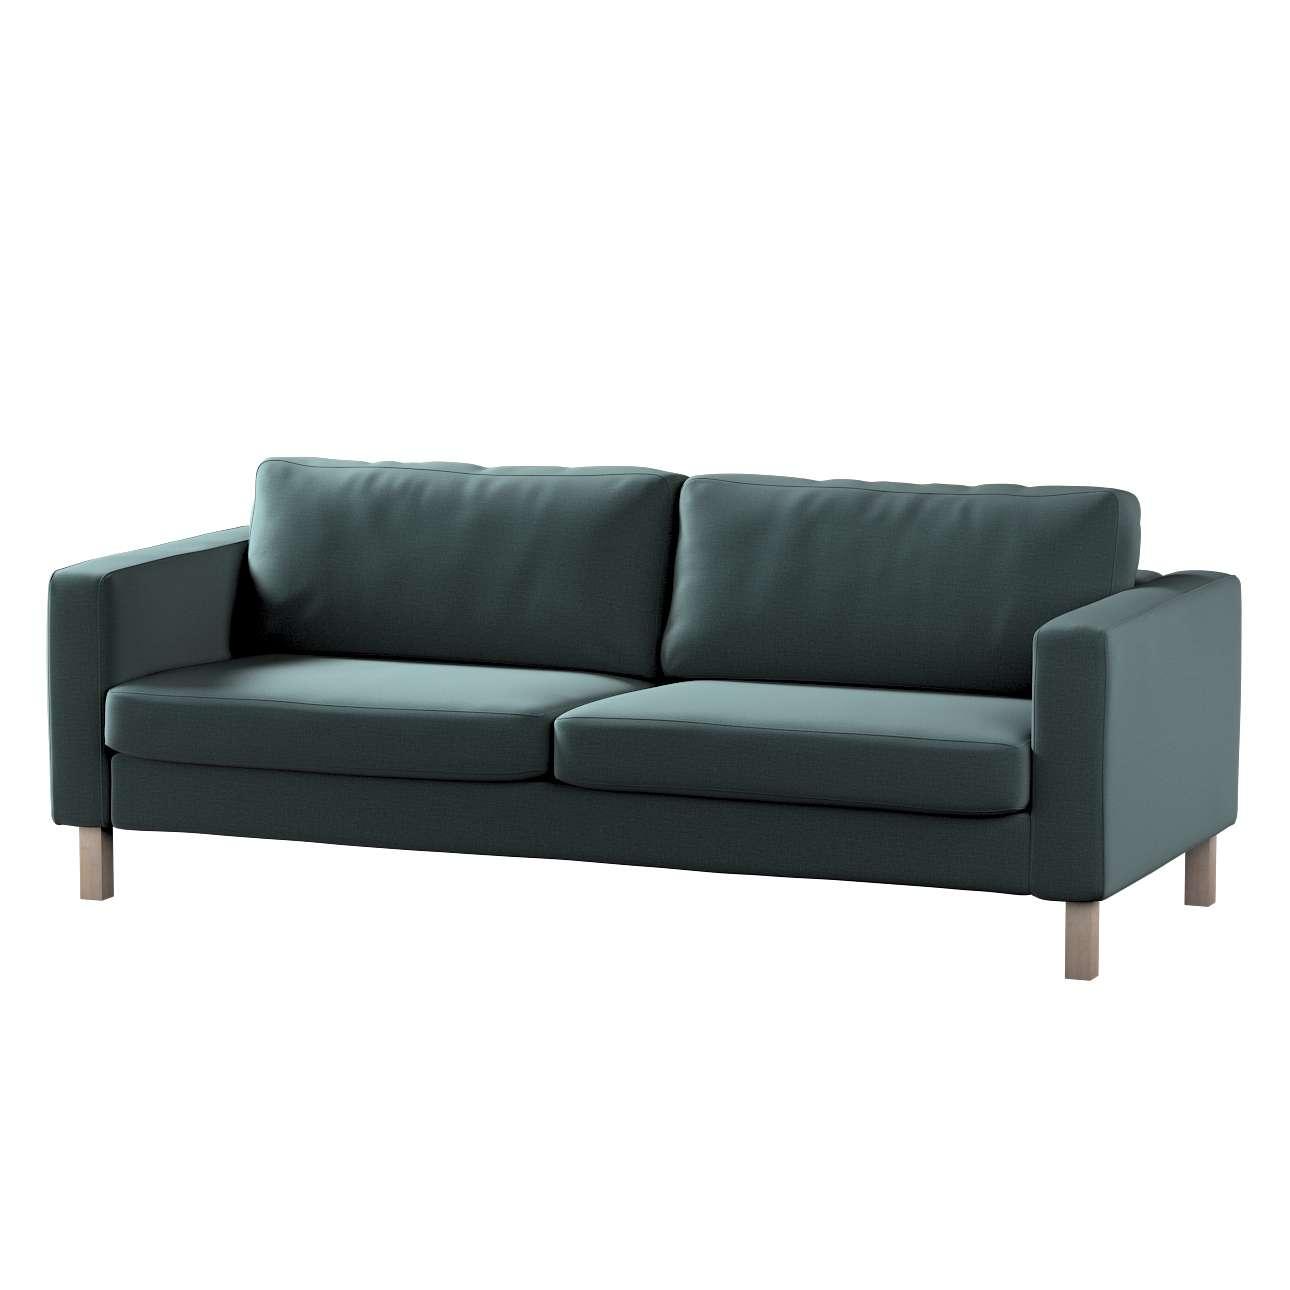 Potah na pohovku IKEA  Karlstad 3-místná, nerozkládací, krátký v kolekci Ingrid, látka: 705-36